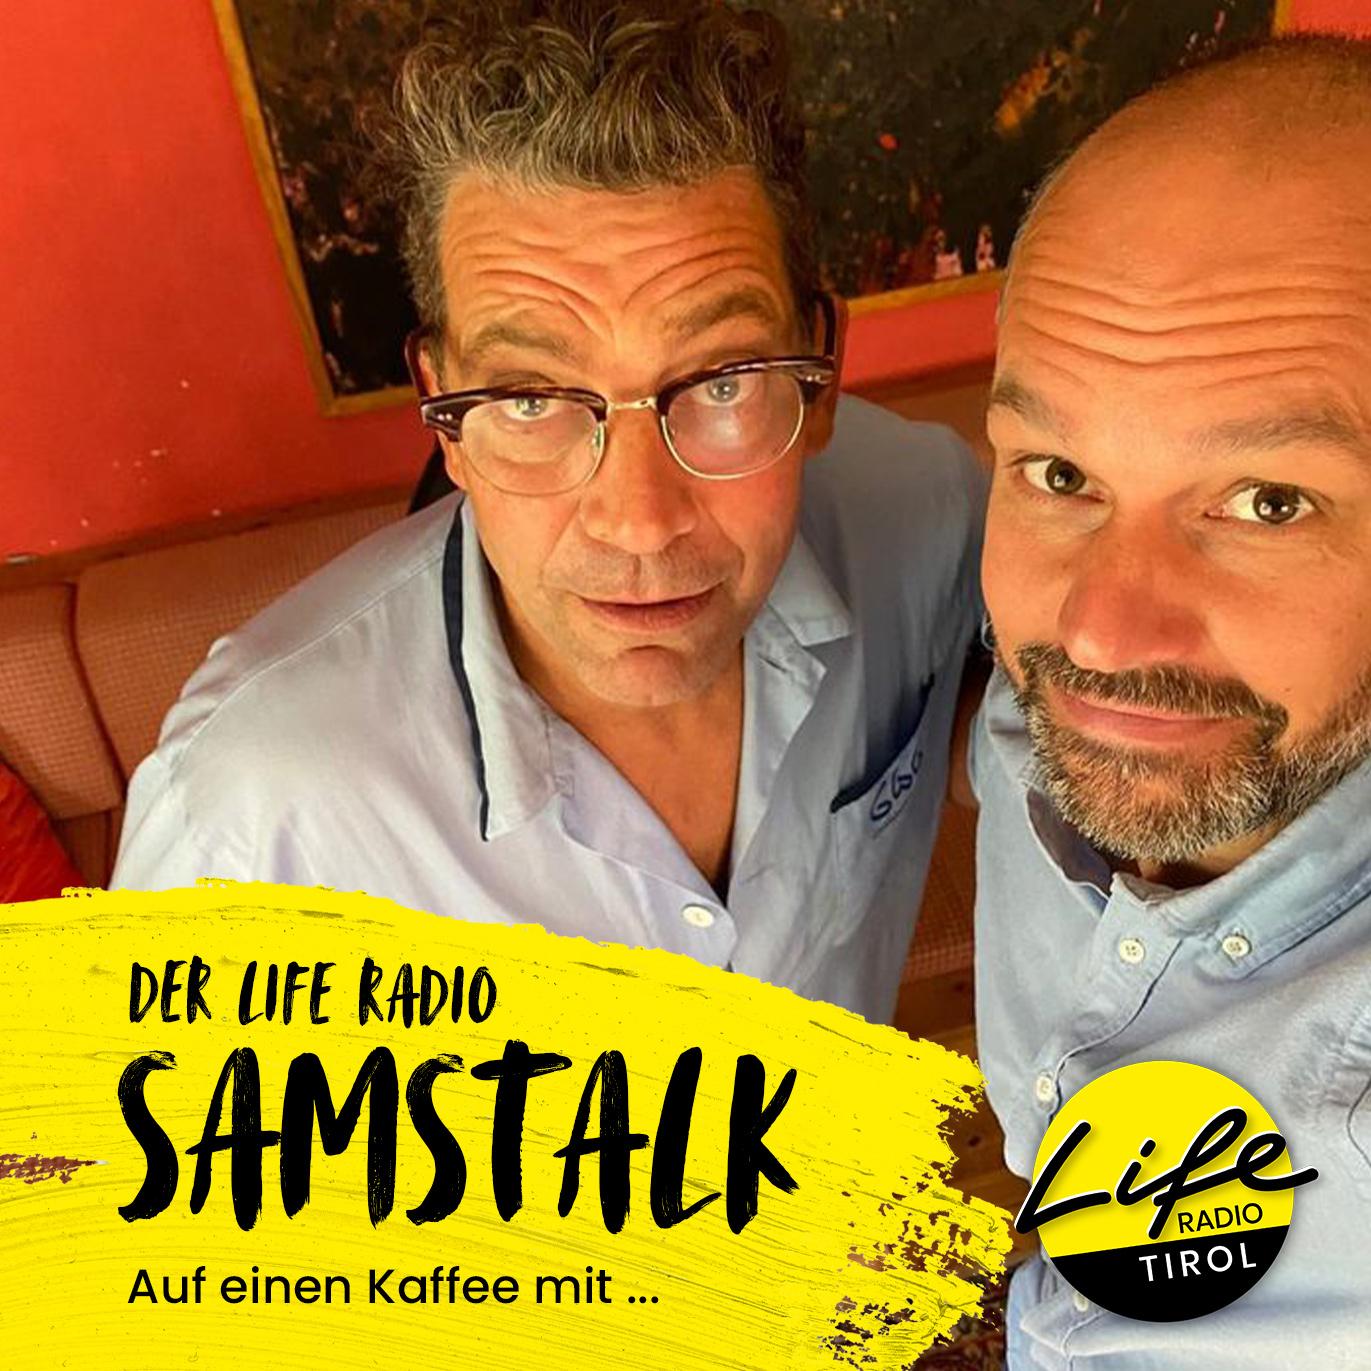 Auf einen Kaffee mit Schauspieler Gregor Bloéb